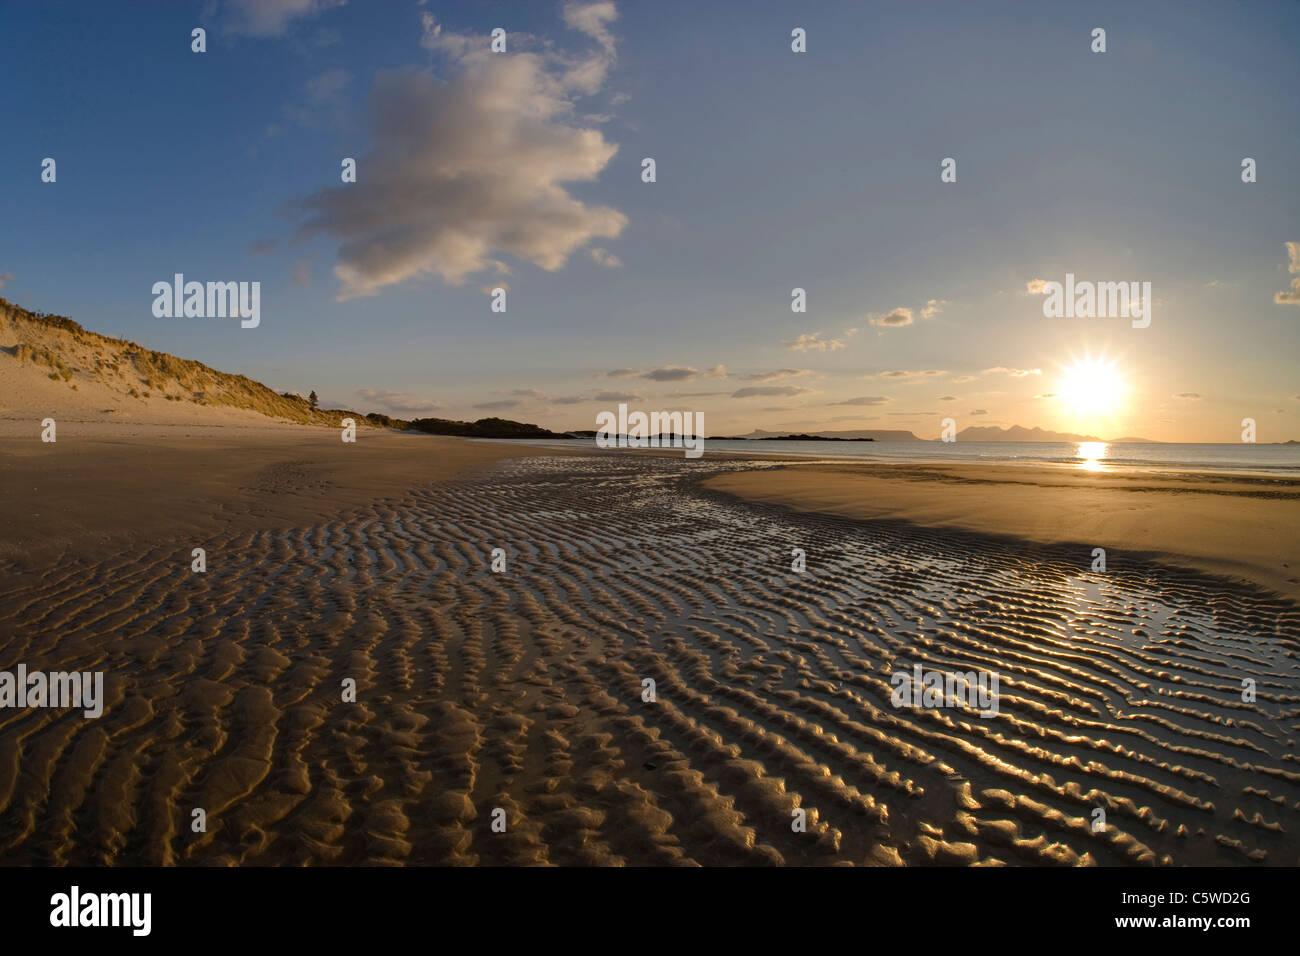 Arisaig Bay al tramonto con vista dell isola di Rum, a nord-ovest della Scozia, Gran Bretagna. Immagini Stock